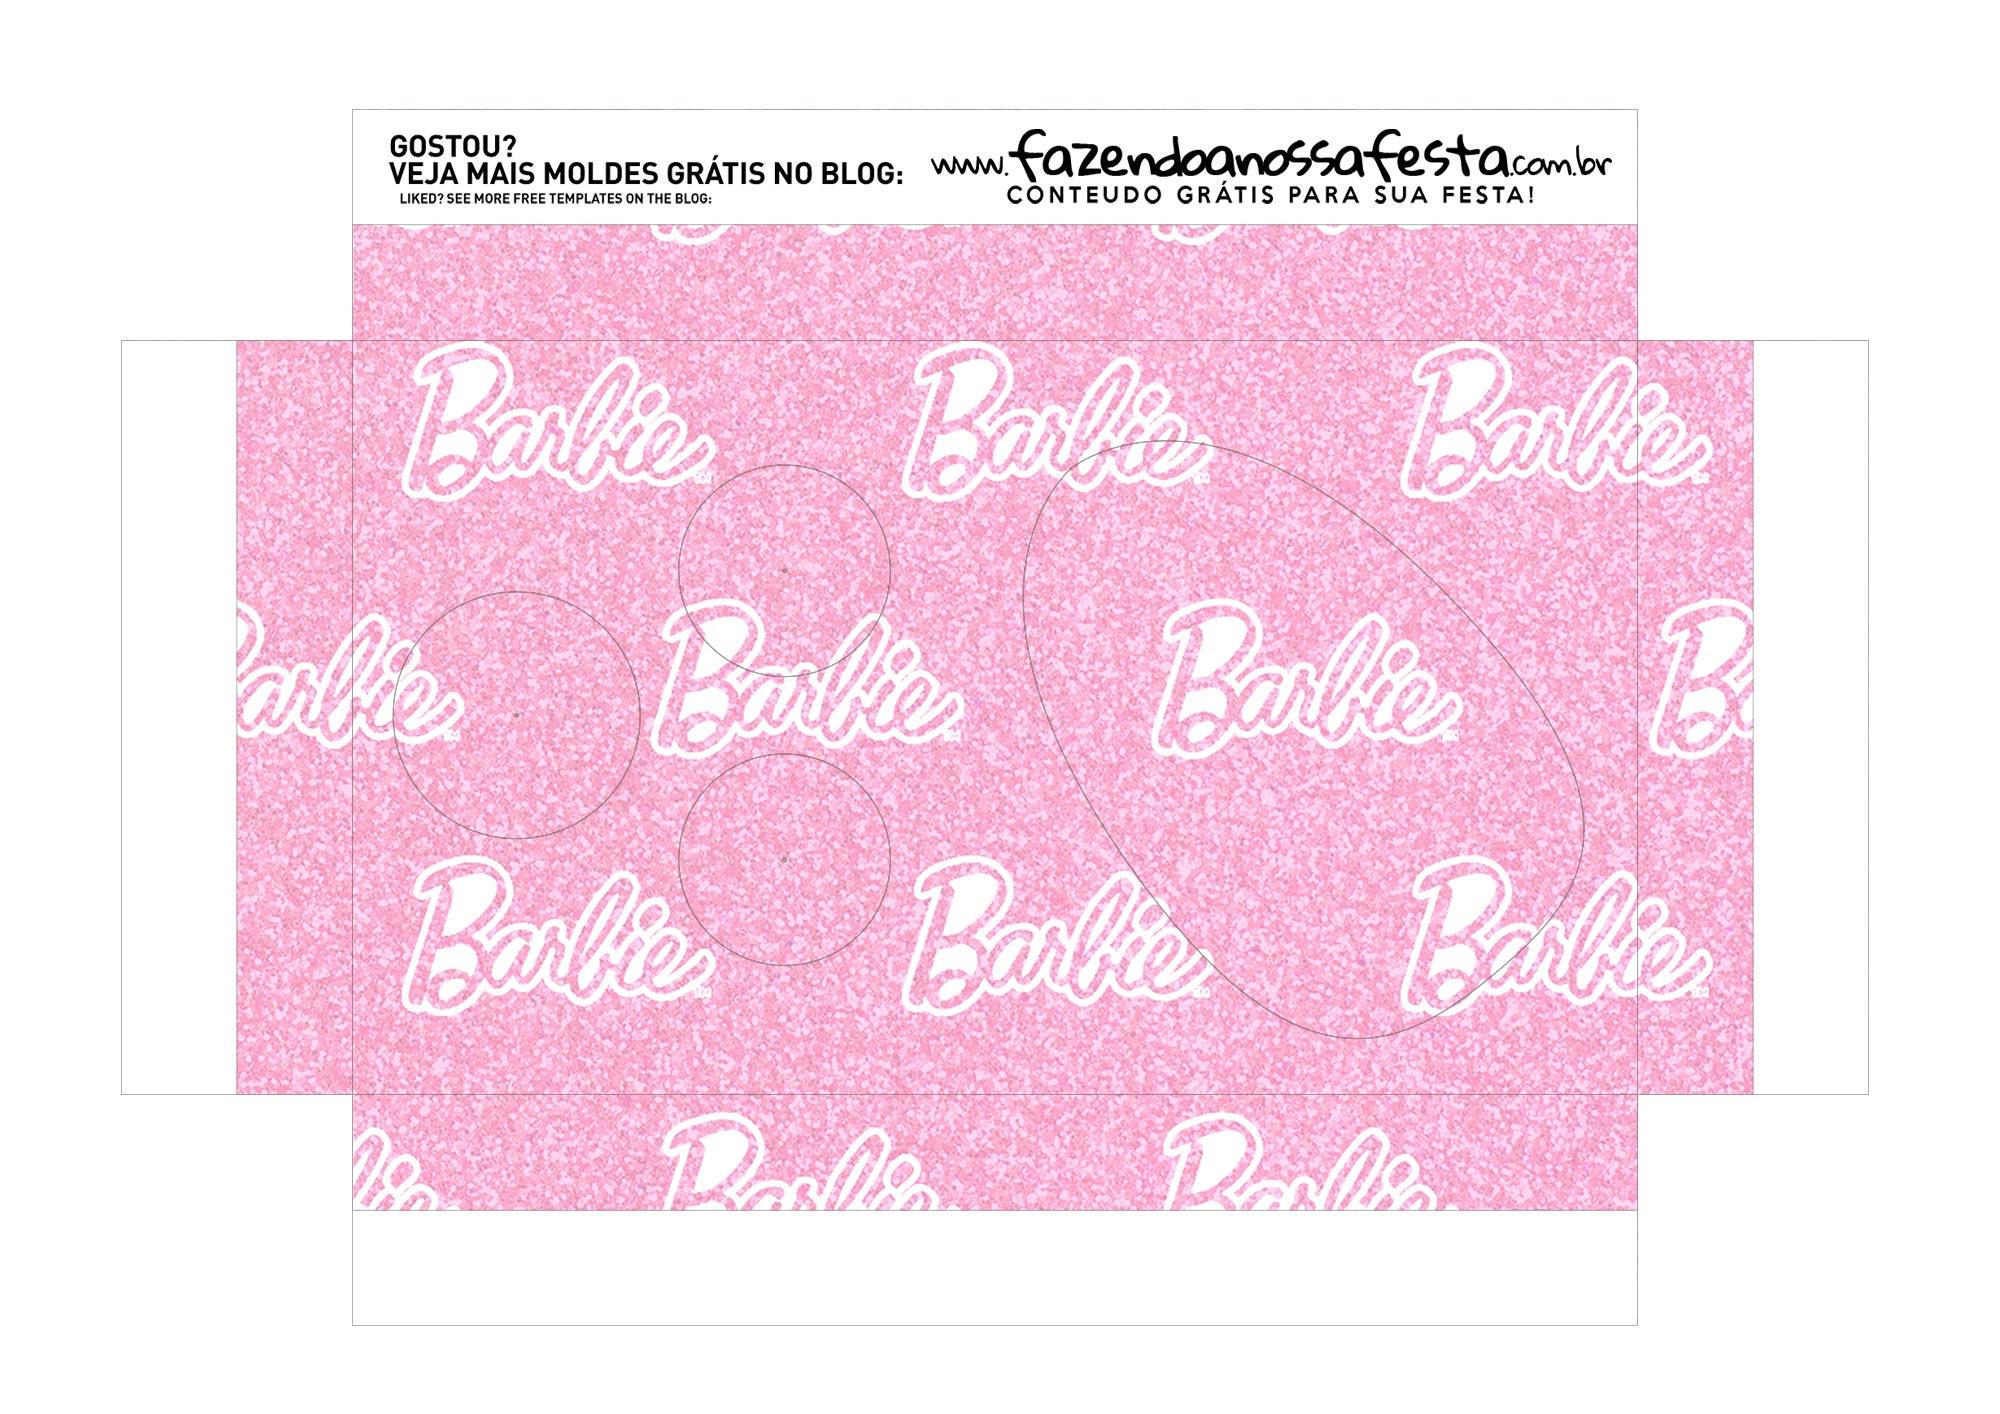 Caixa Explosao Mini Confeiteiro Barbie parte 7